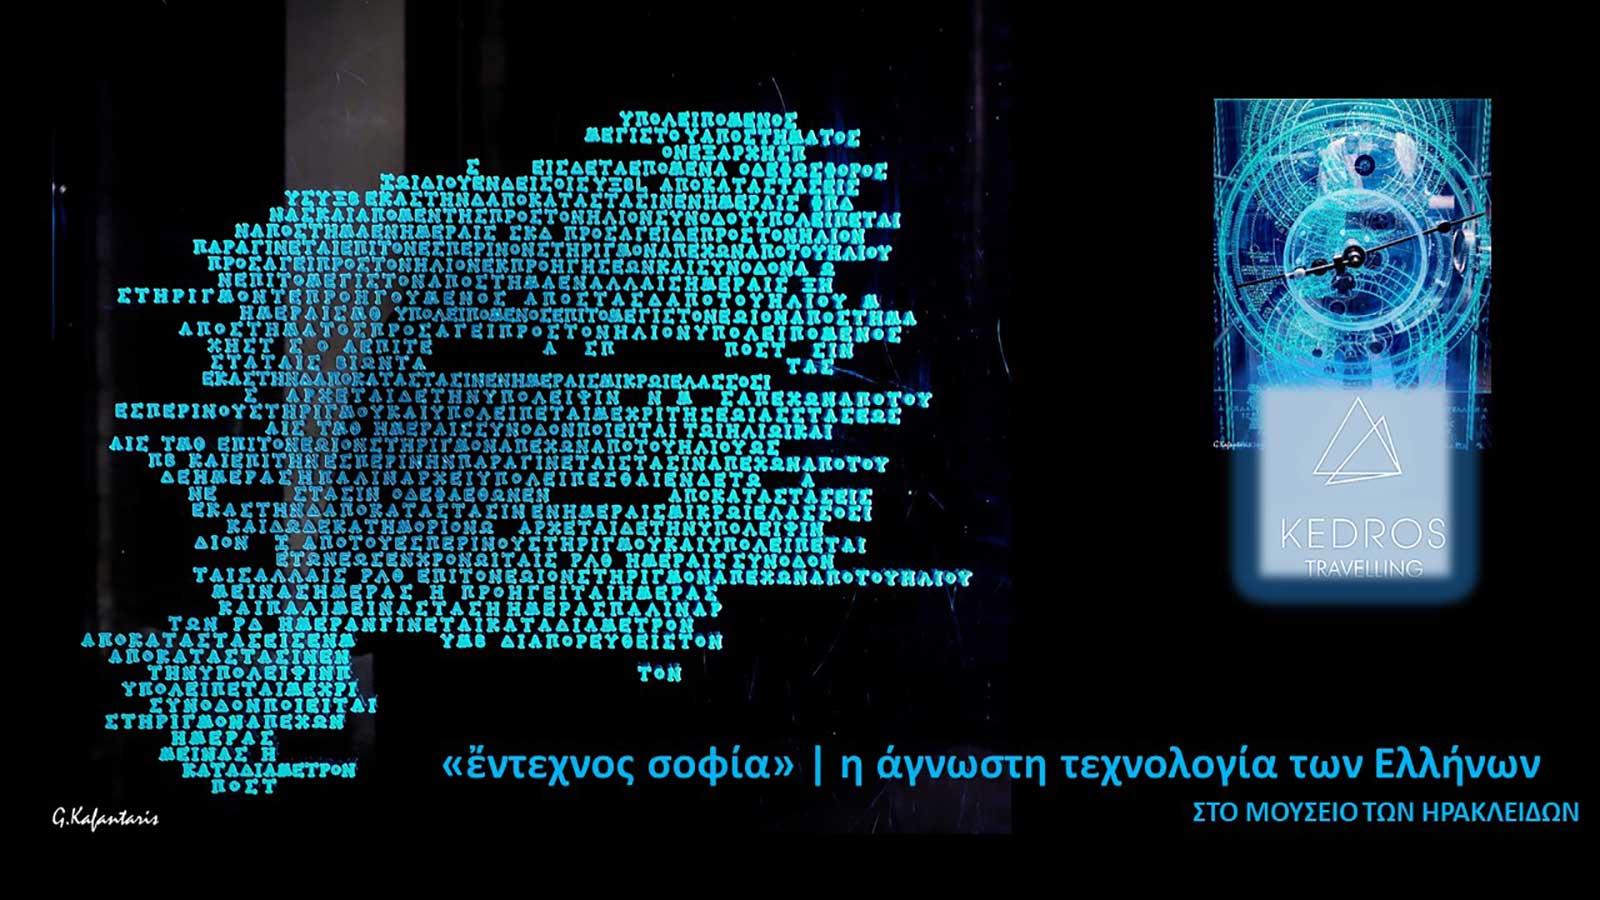 Ἔντεχνος σοφία | Η άγνωστη τεχνολογία των Ελλήνων